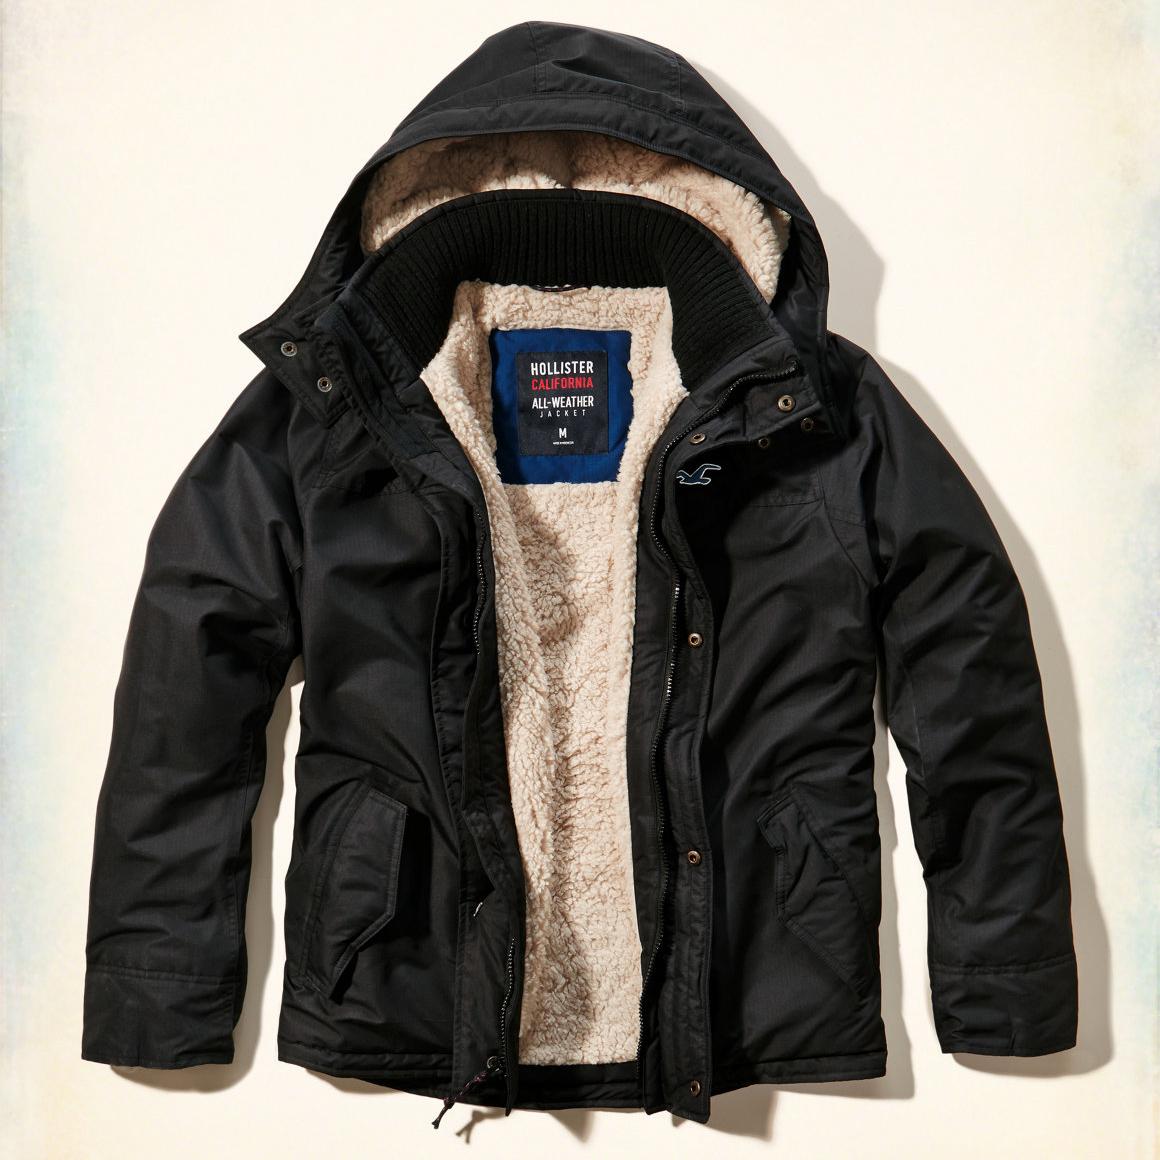 美國百分百【Hollister Co.】風衣 外套 HCO 鋪厚棉 連帽 夾克 海鷗 黑色 S M L XL號 G248